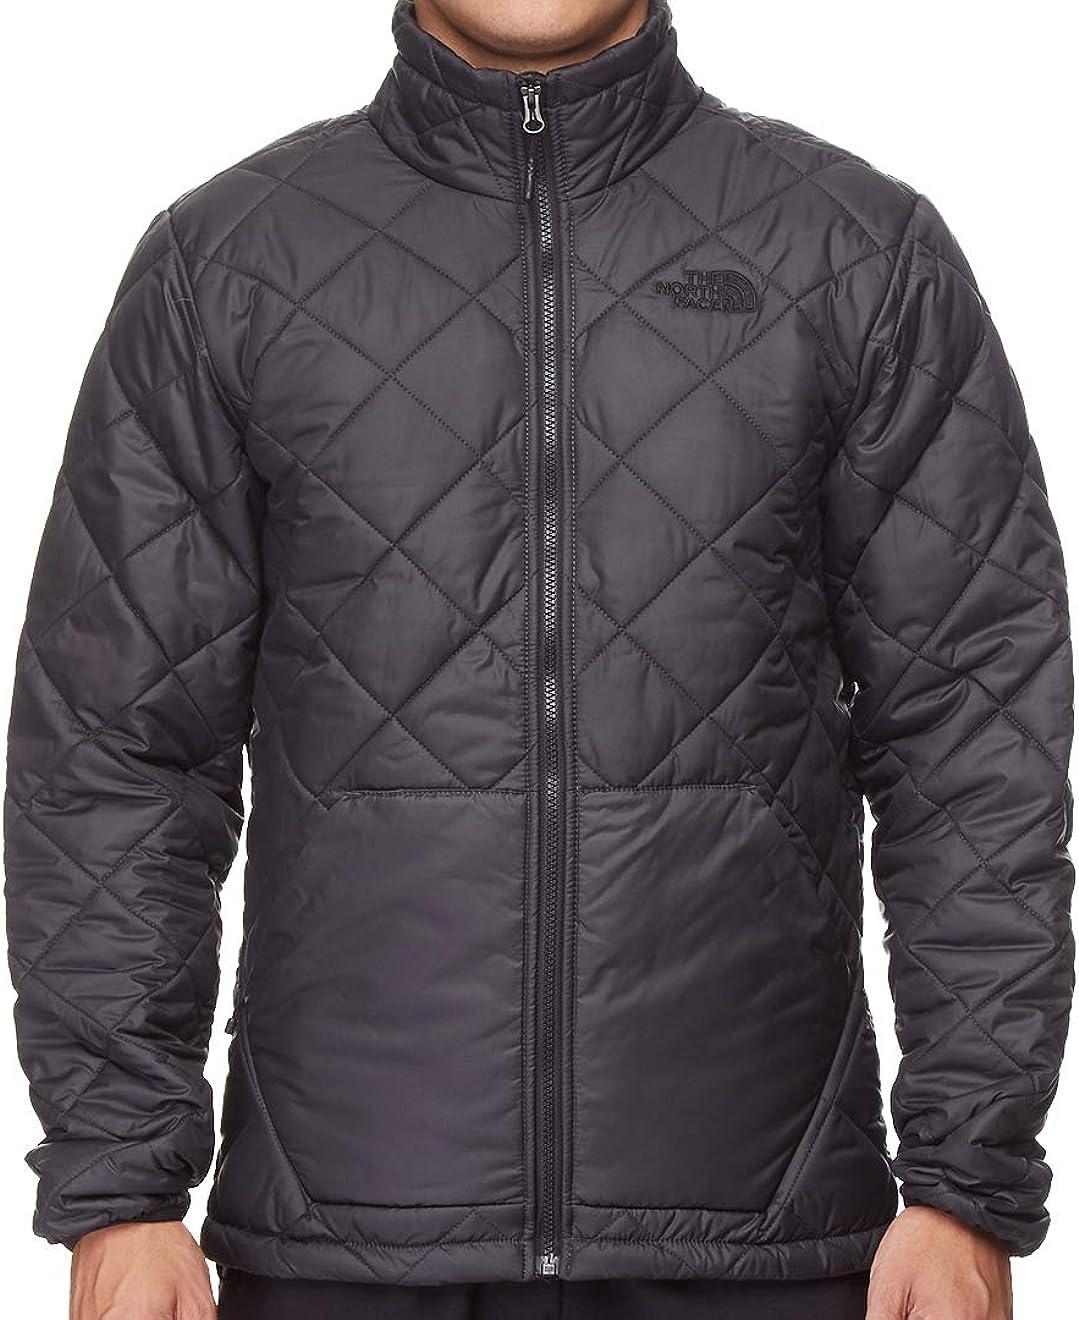 The North Face Men's Cervas Insulated Jacket, Asphalt Grey